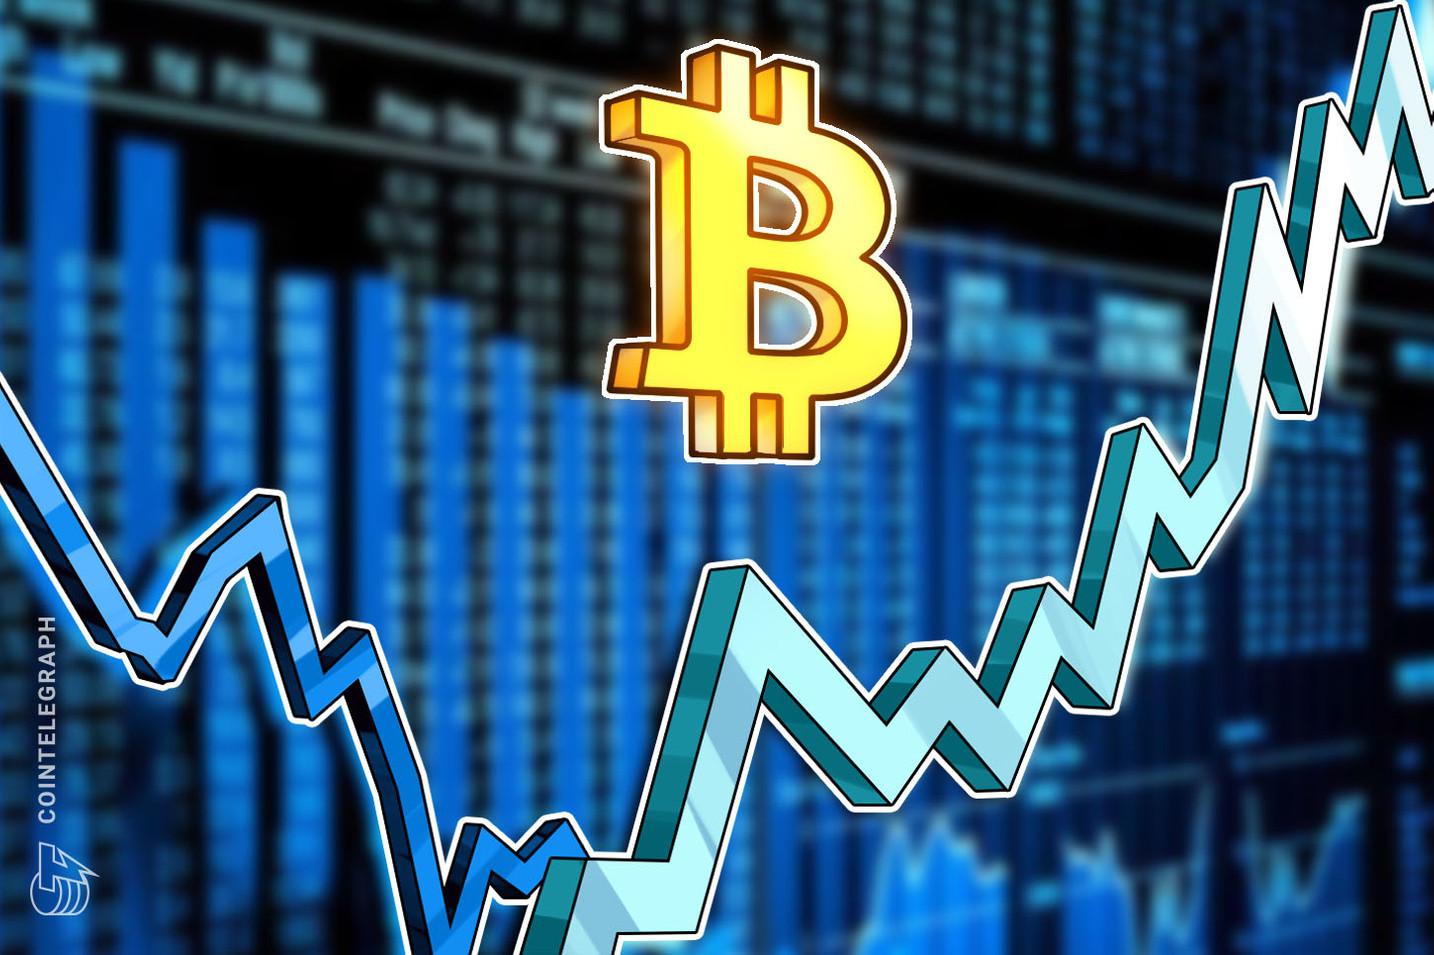 Bitcoin padá pod 30 XNUMX dolárov, ale údaje z reťazca naznačujú, že sa akumulácia hromadí